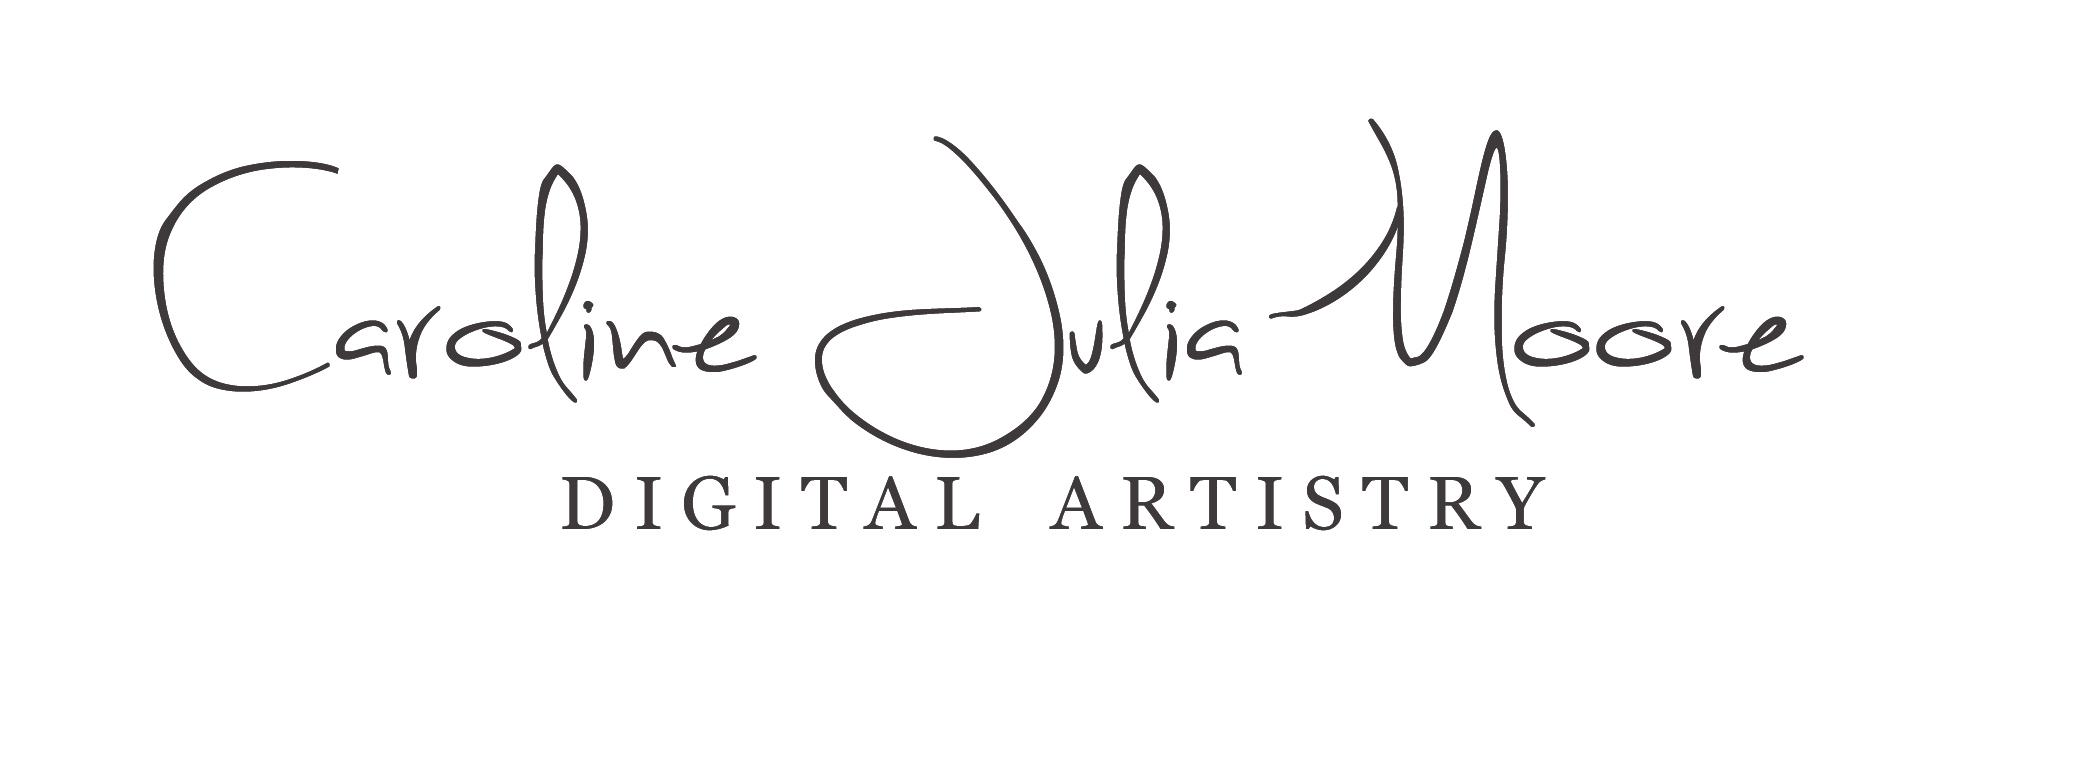 Caroline julia Moore Signature